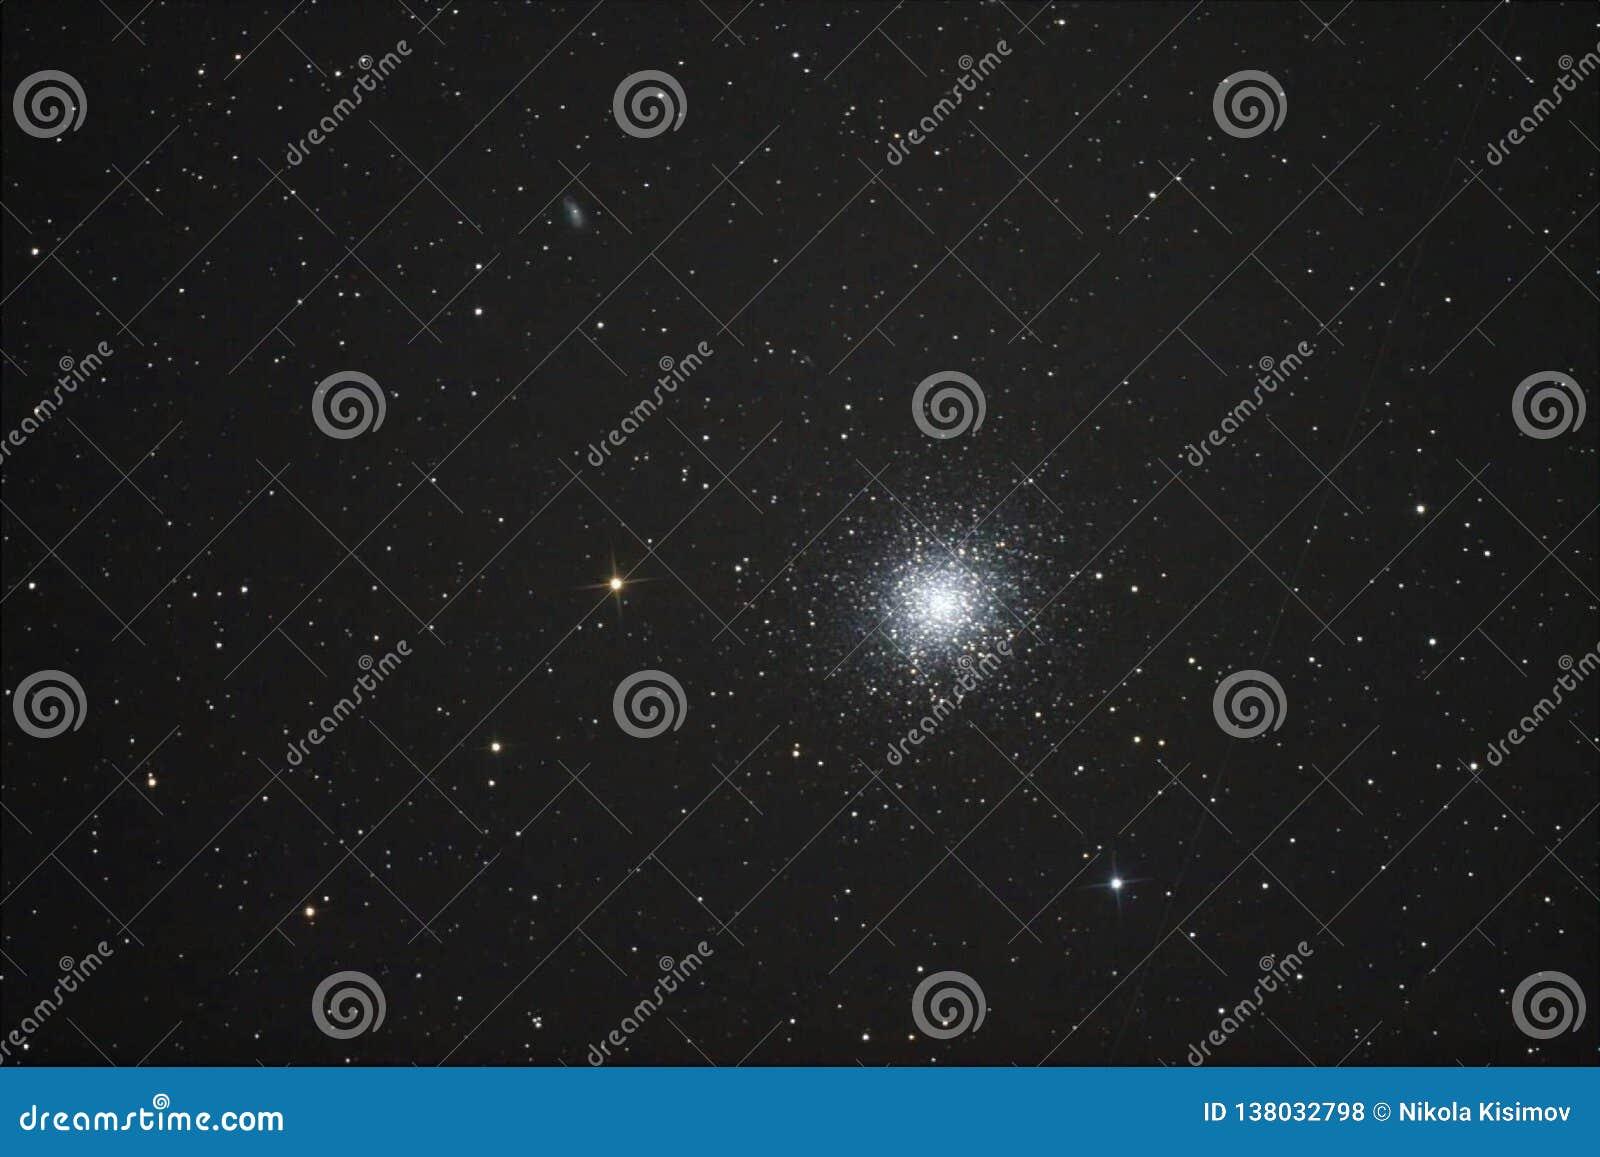 Great globular cluster in Hercules